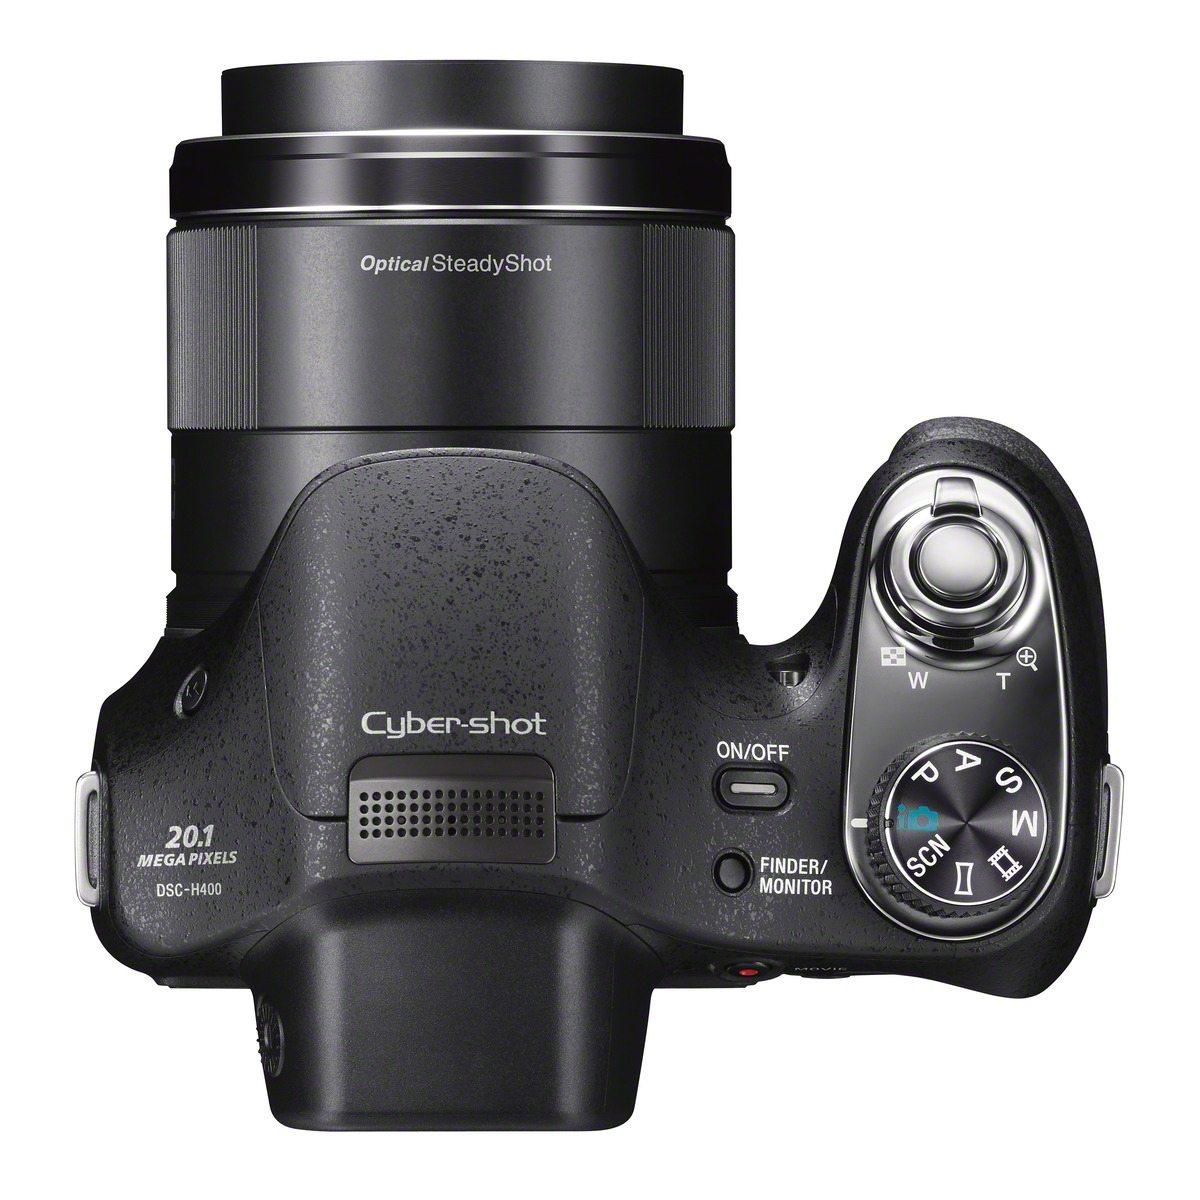 Cyber-shot DSC-H400